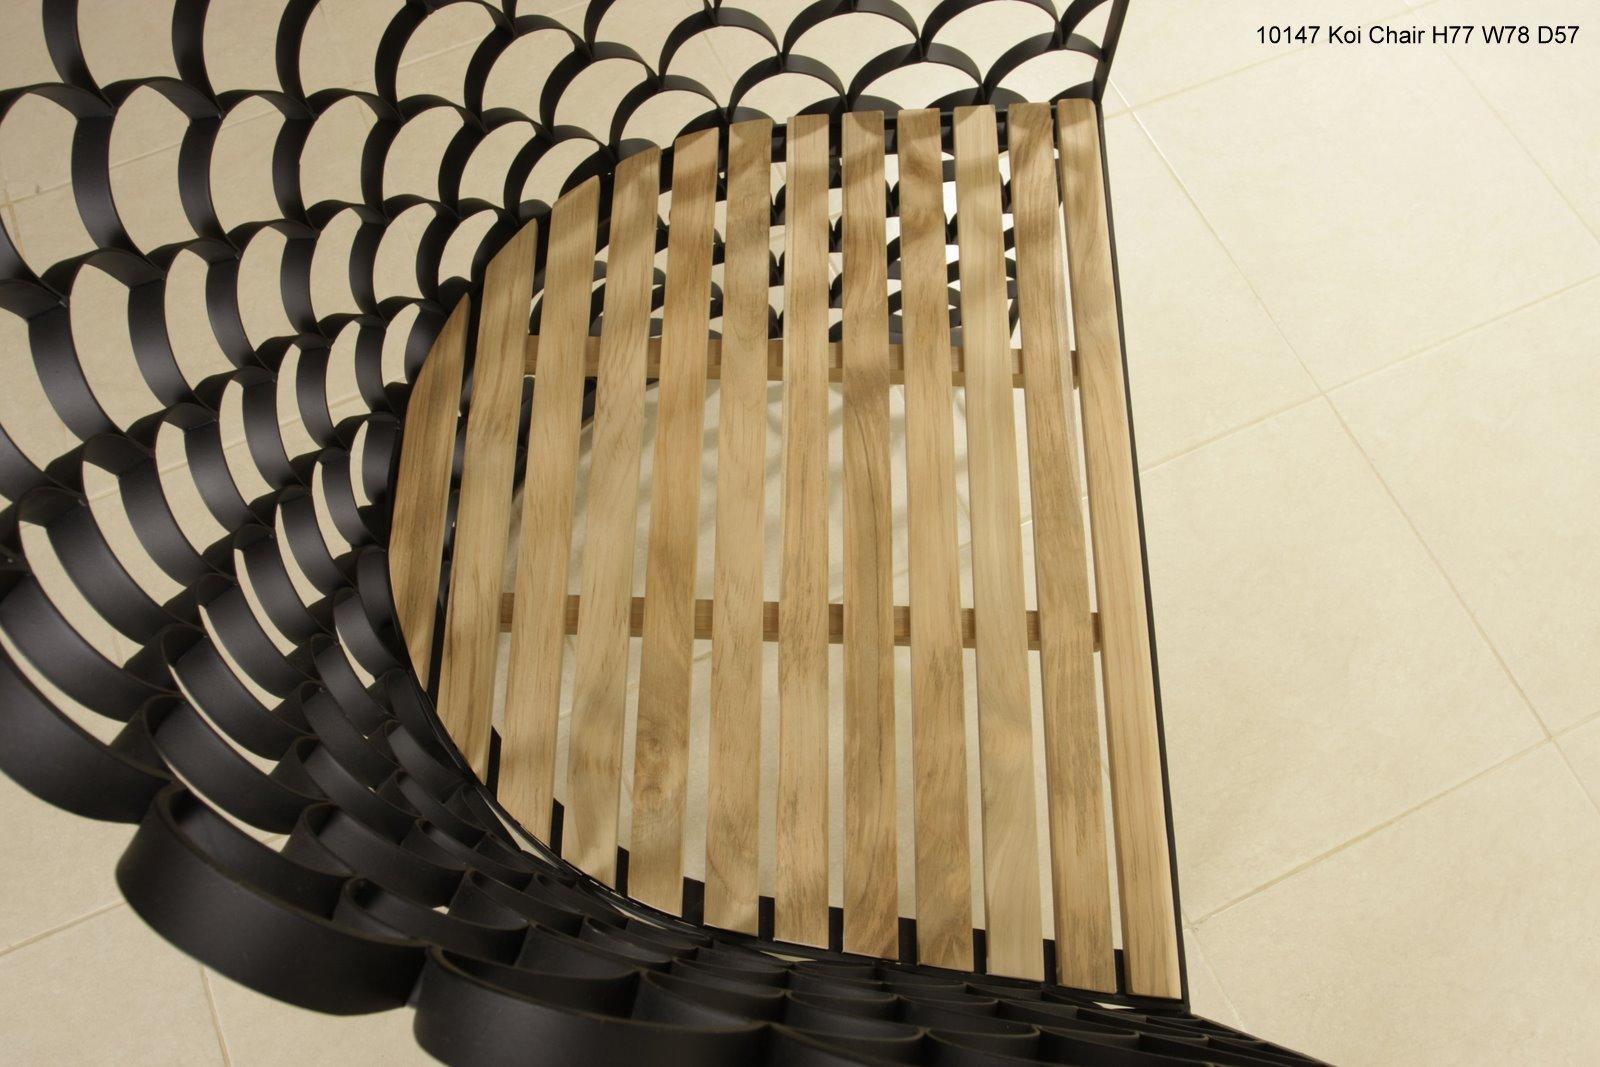 Koi chair_53.jpg